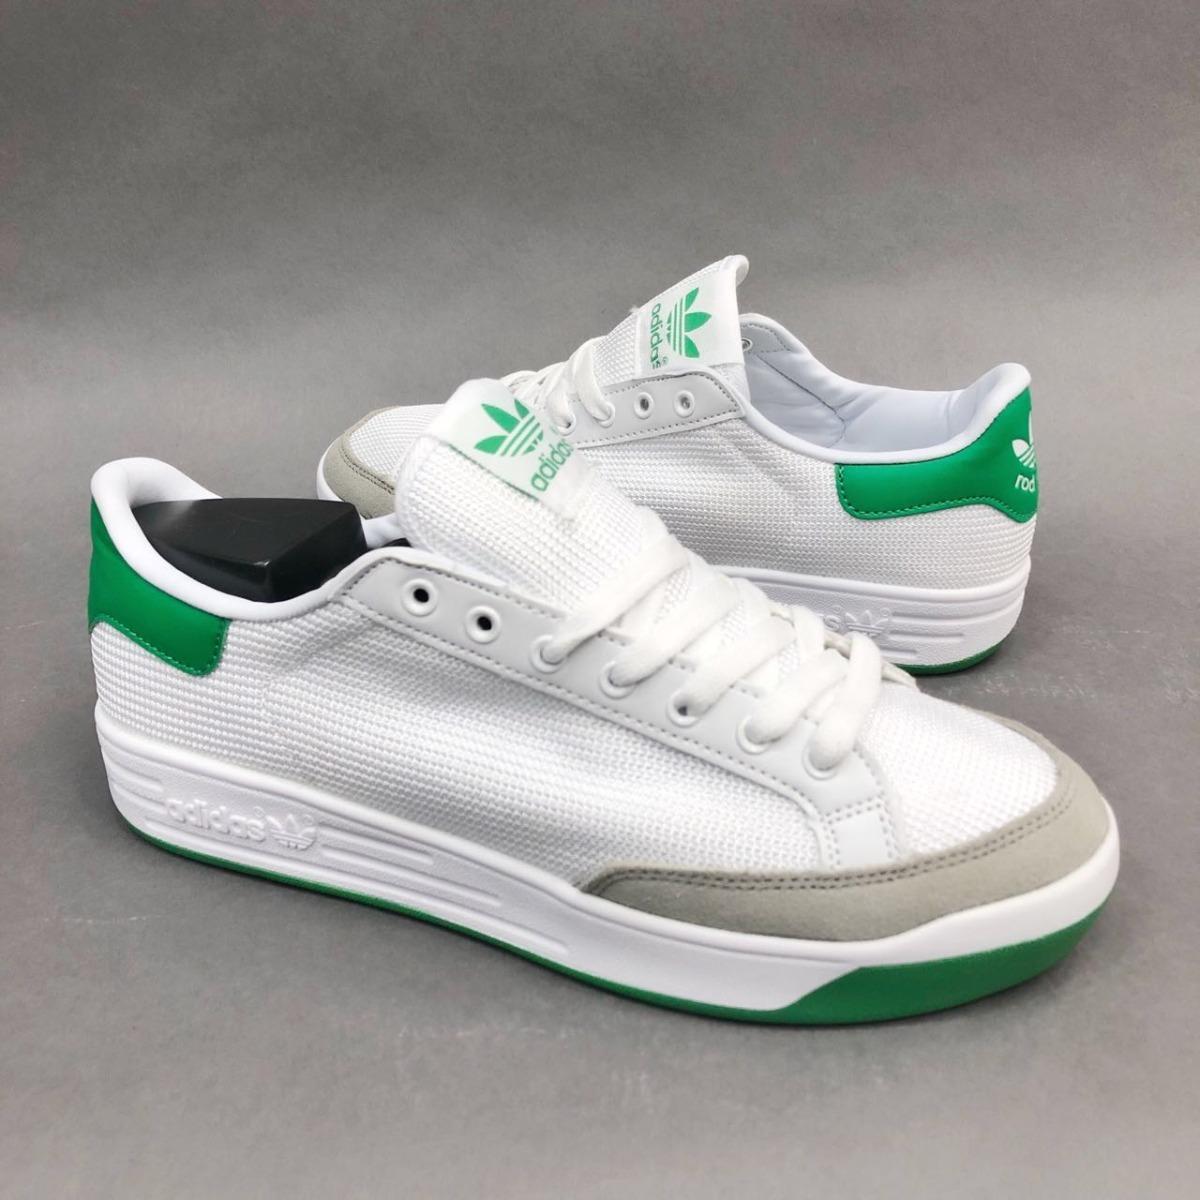 zapatillas adidas blancas con verde